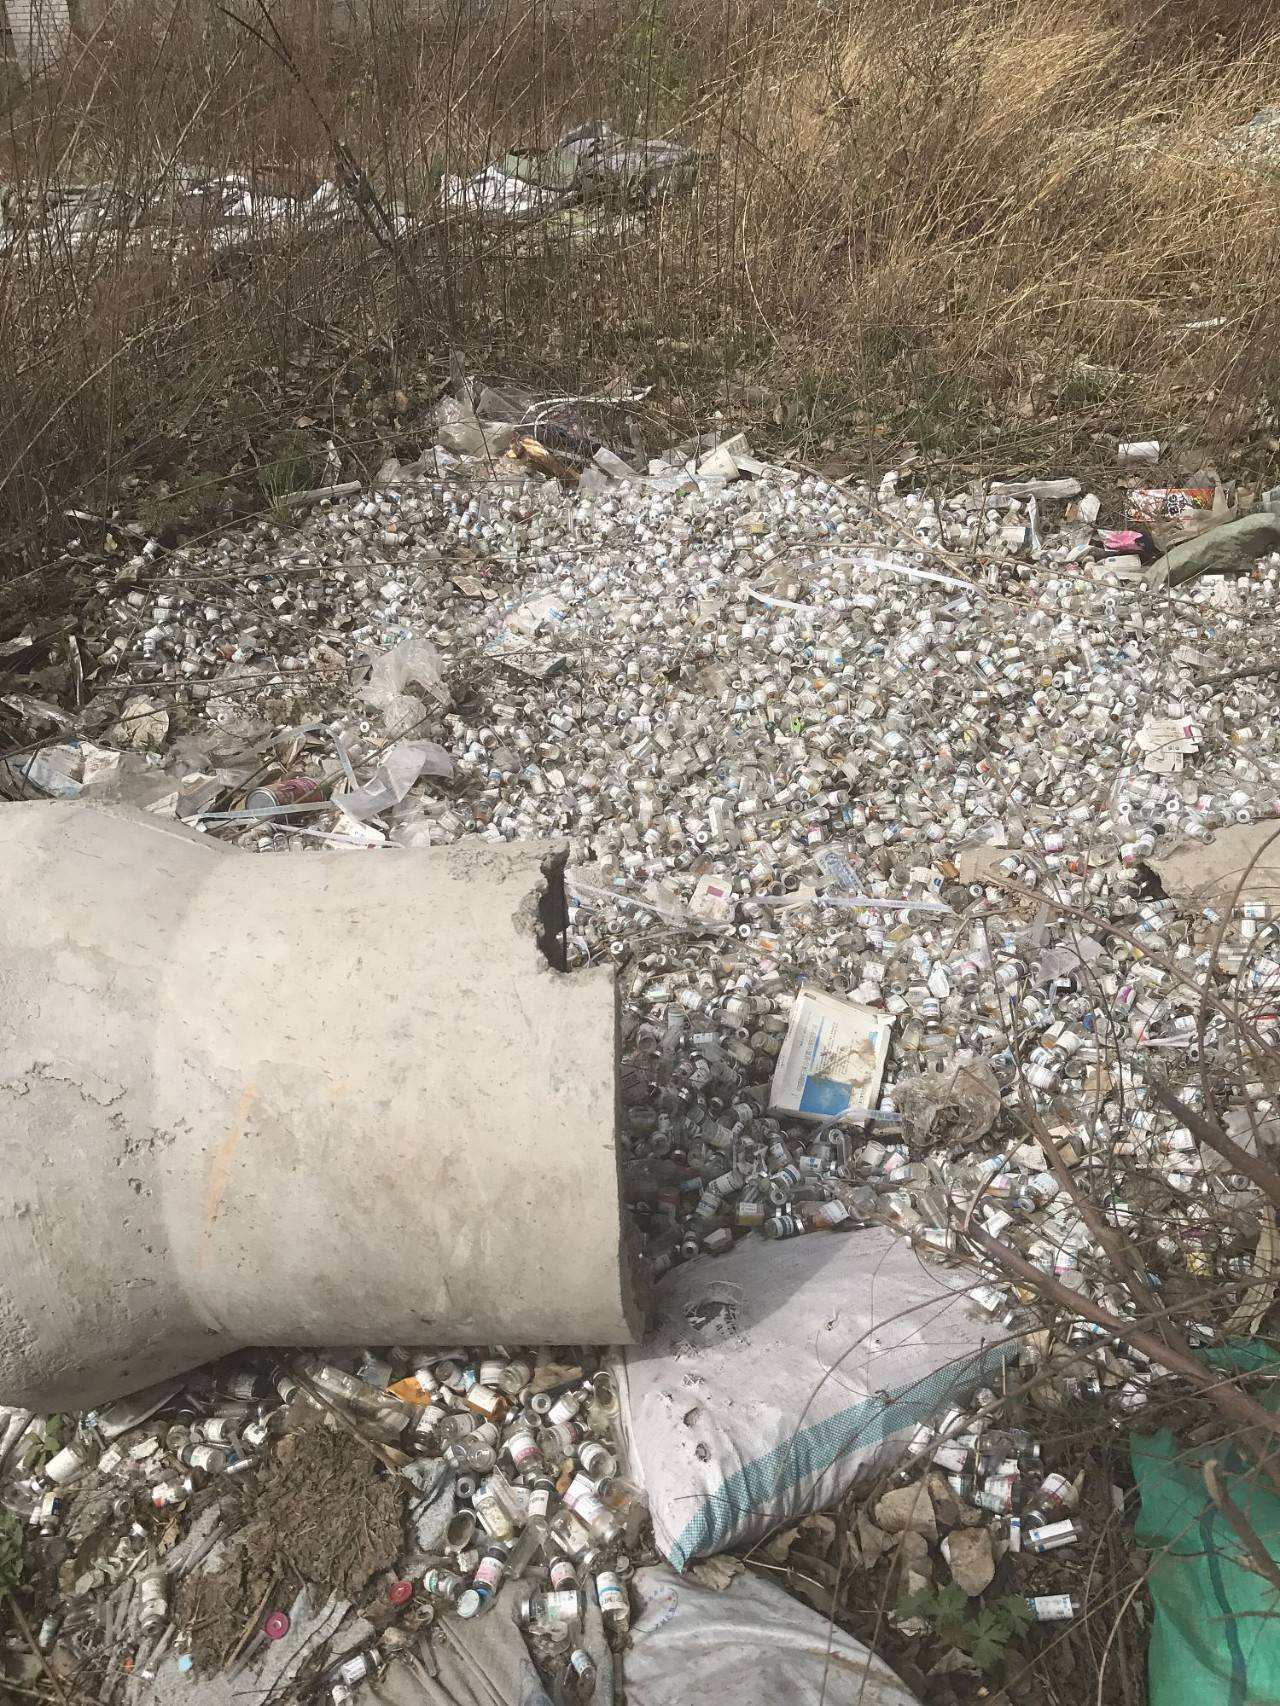 △吉林长春:大量废弃药瓶被丢弃在路边